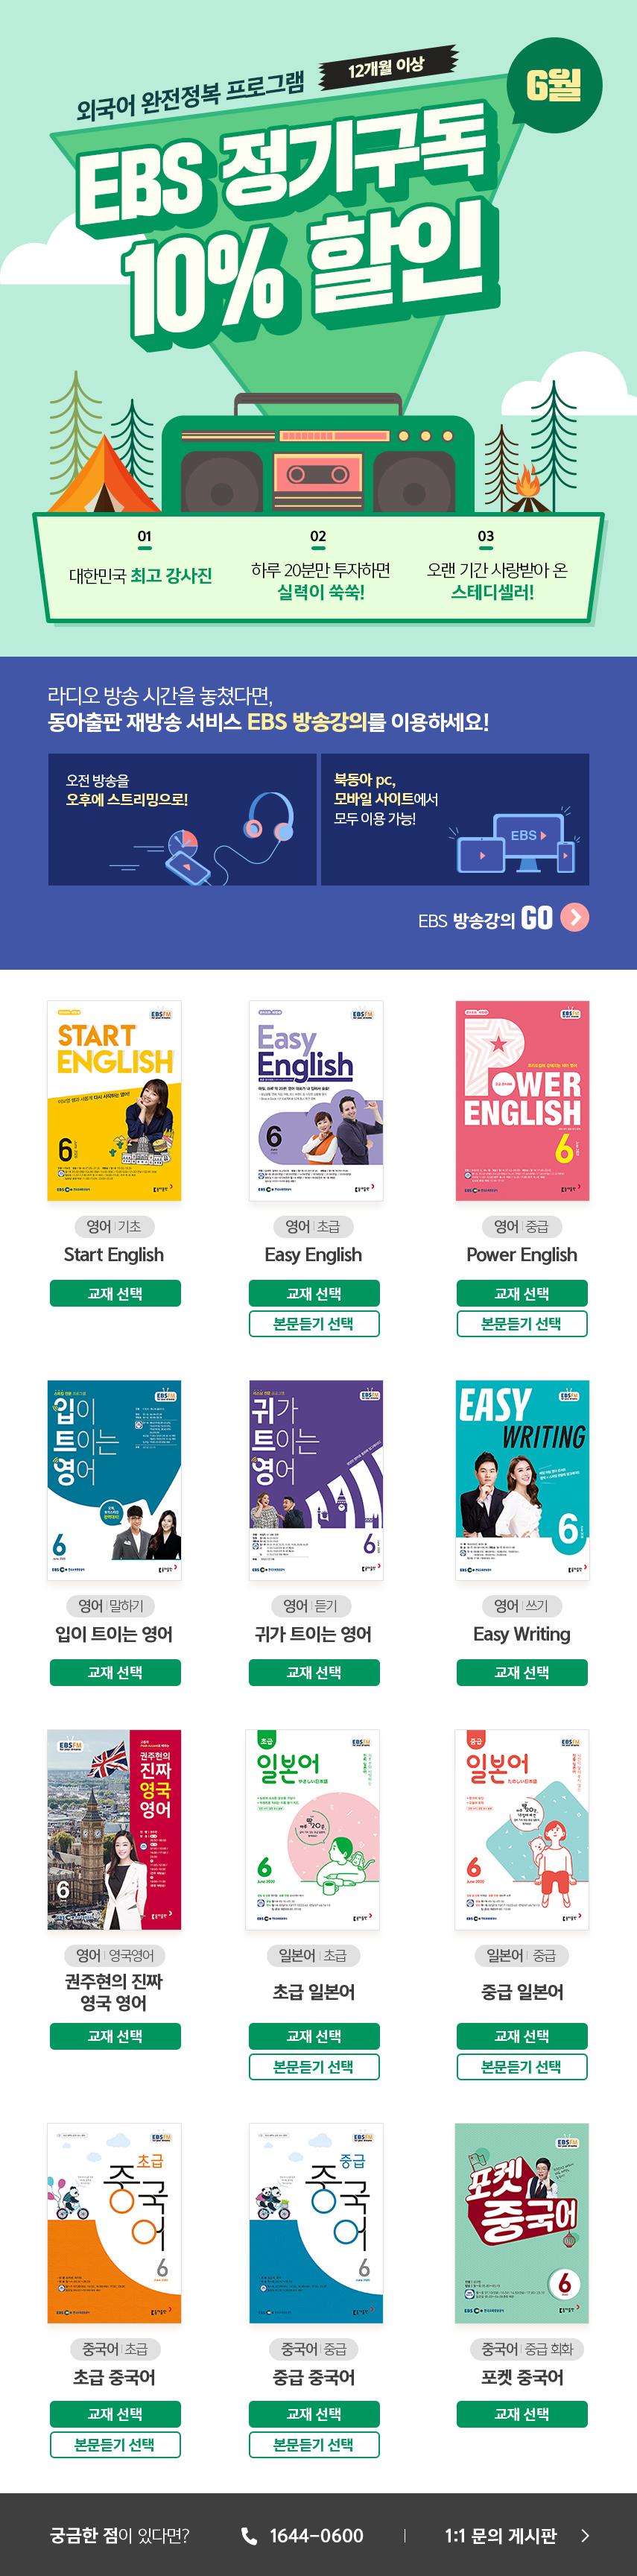 외국어 완전정복 프로그램 EBS 정기구독 10% 할인